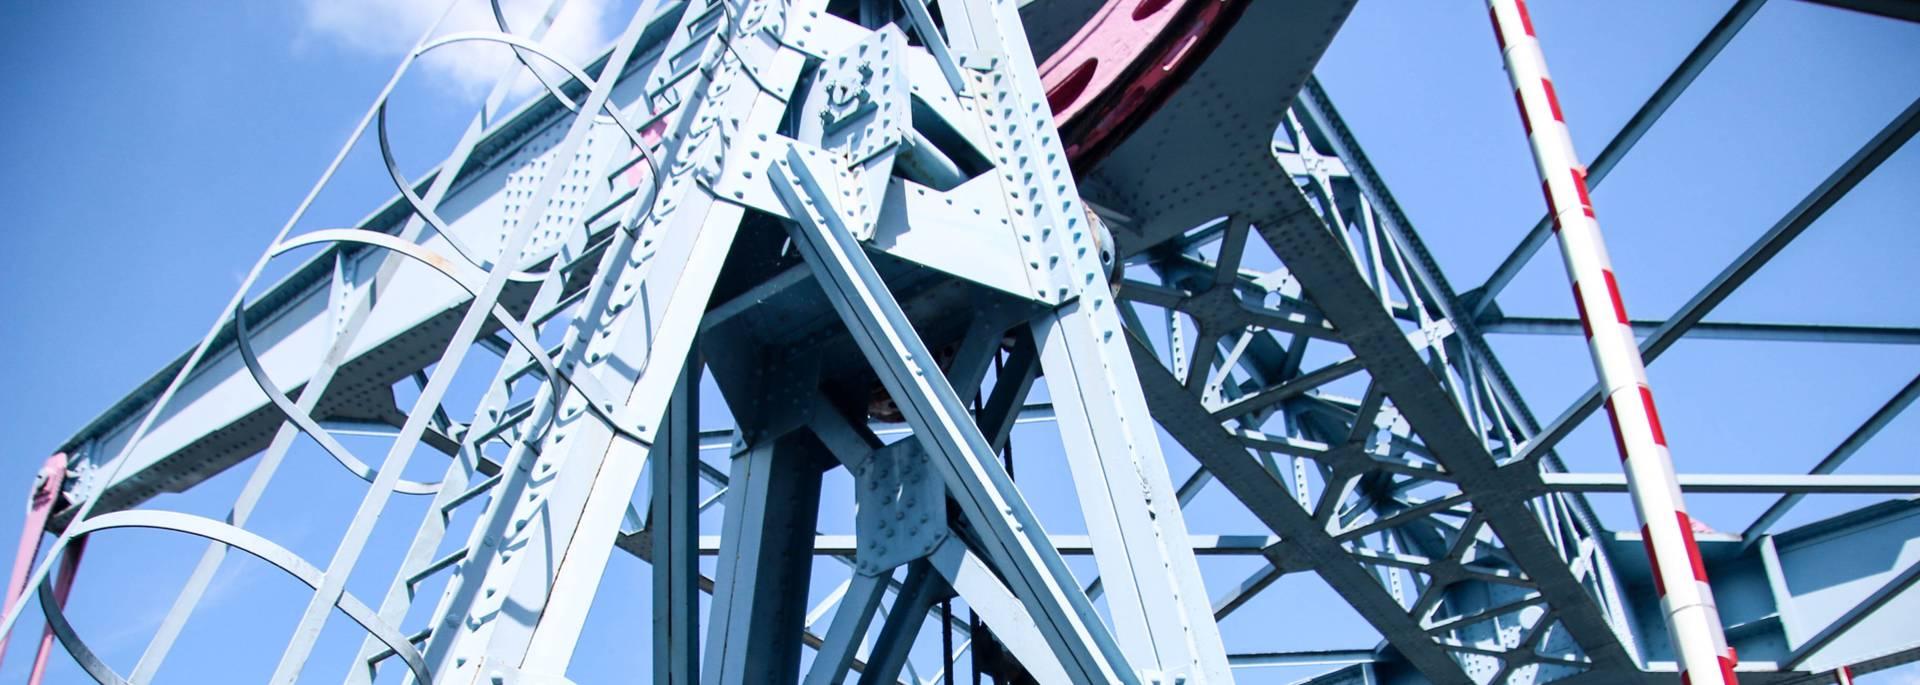 Détail de la structure du pont levant, Montceau-les-Mines. © Lesley Williamson.